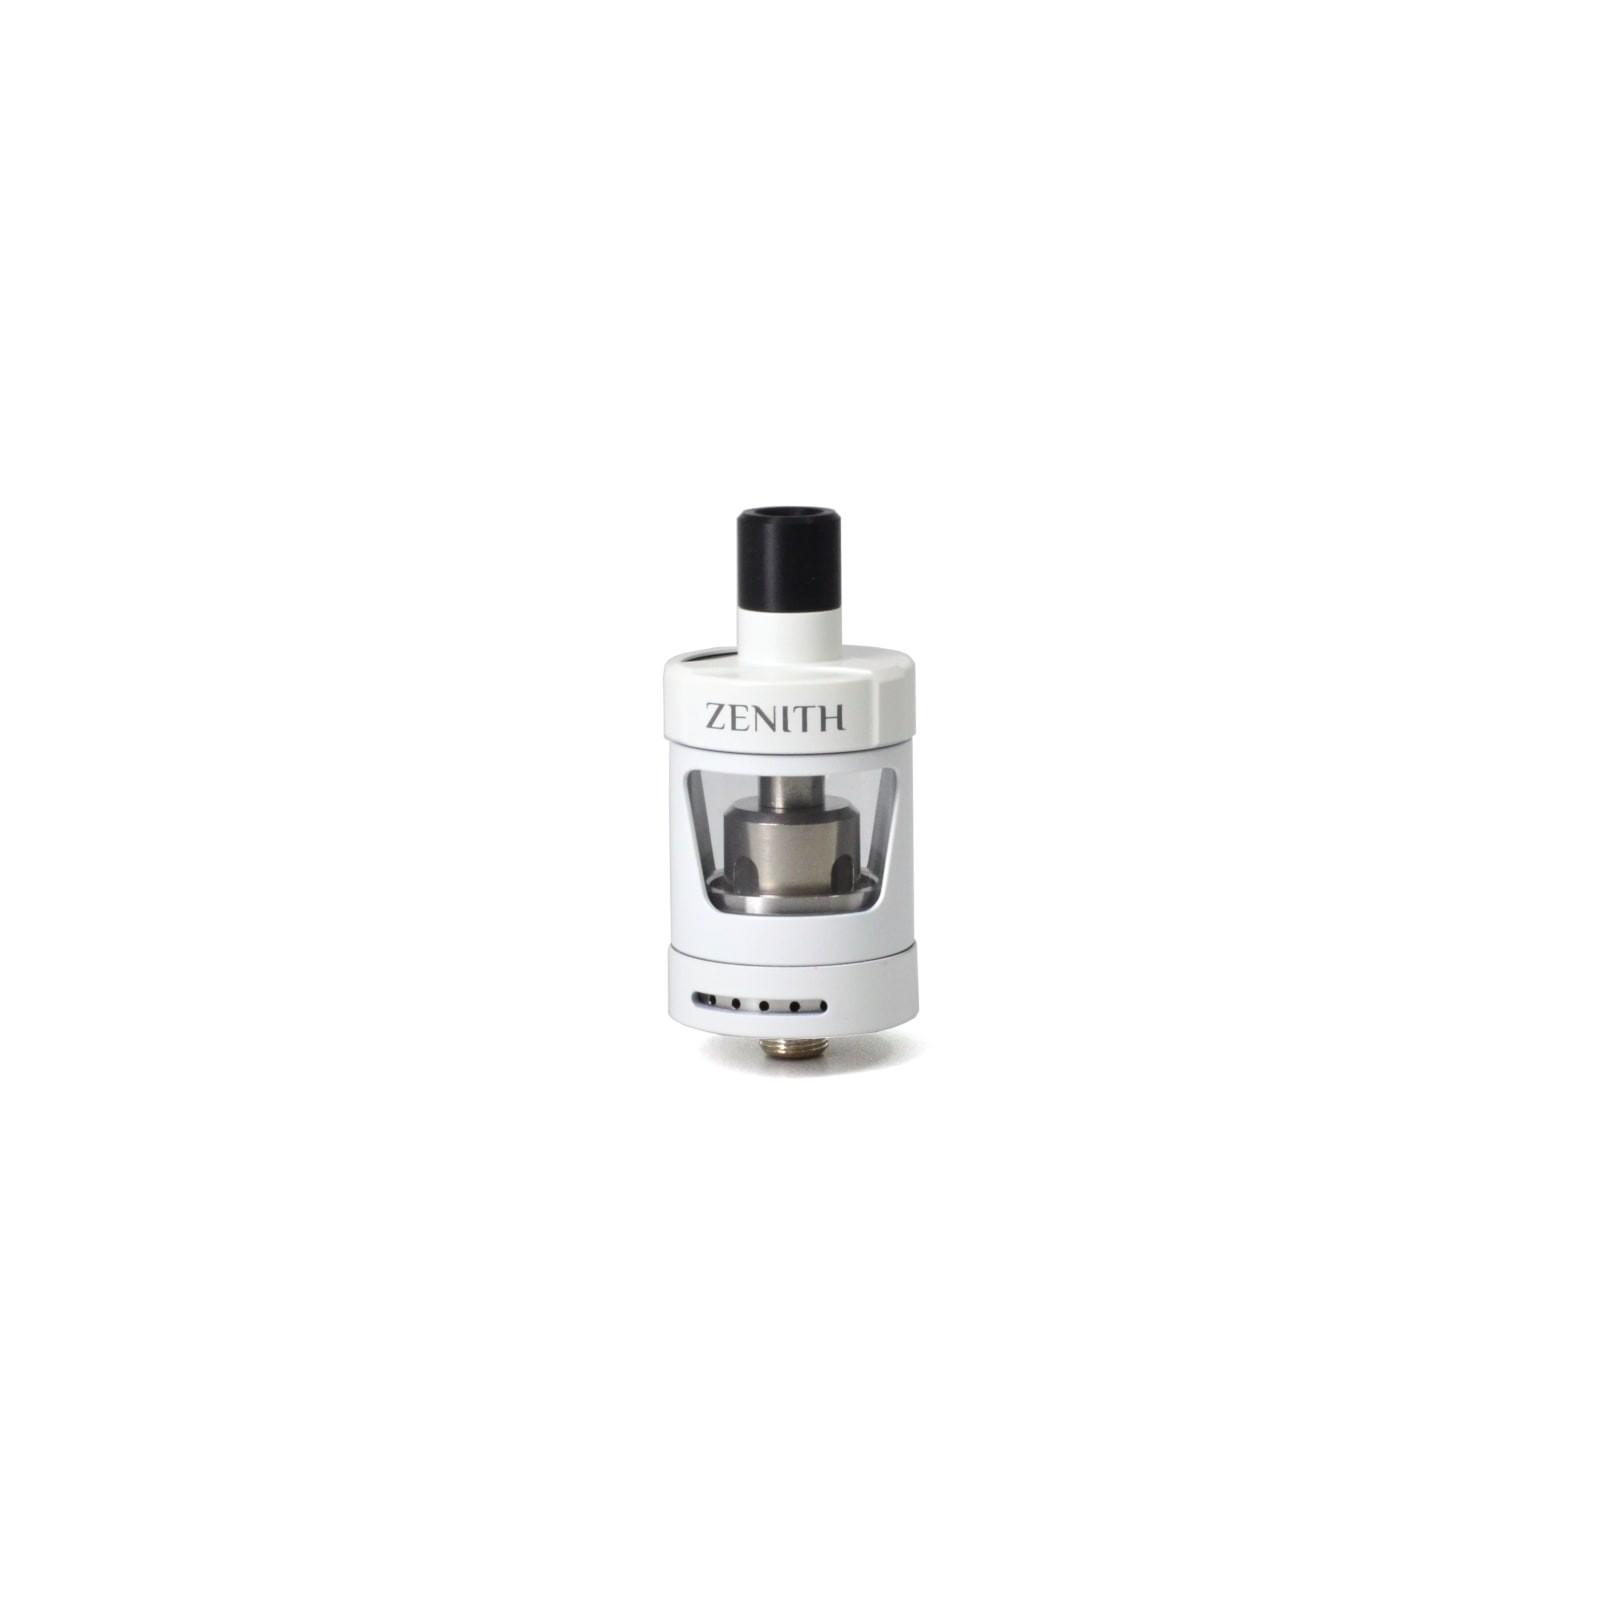 Zenith MTL - Innokin